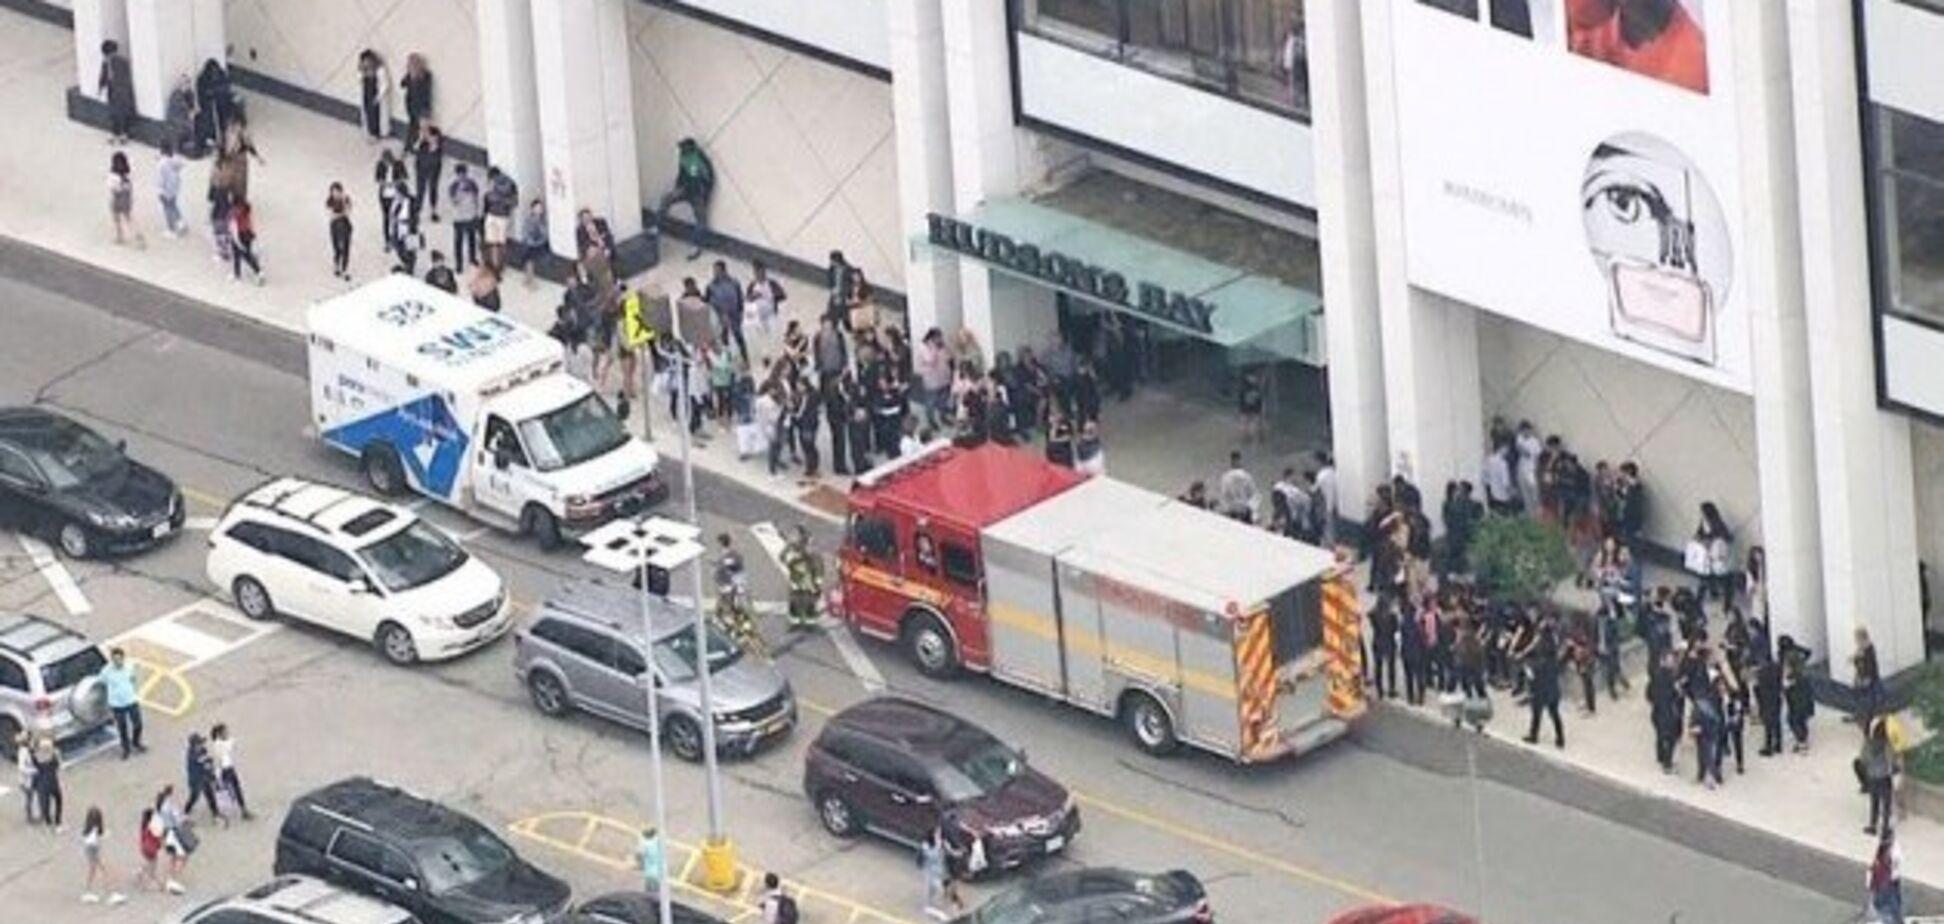 Крики і паніка: у Канаді влаштували стрілянину у торговельному центрі. Всі подробиці